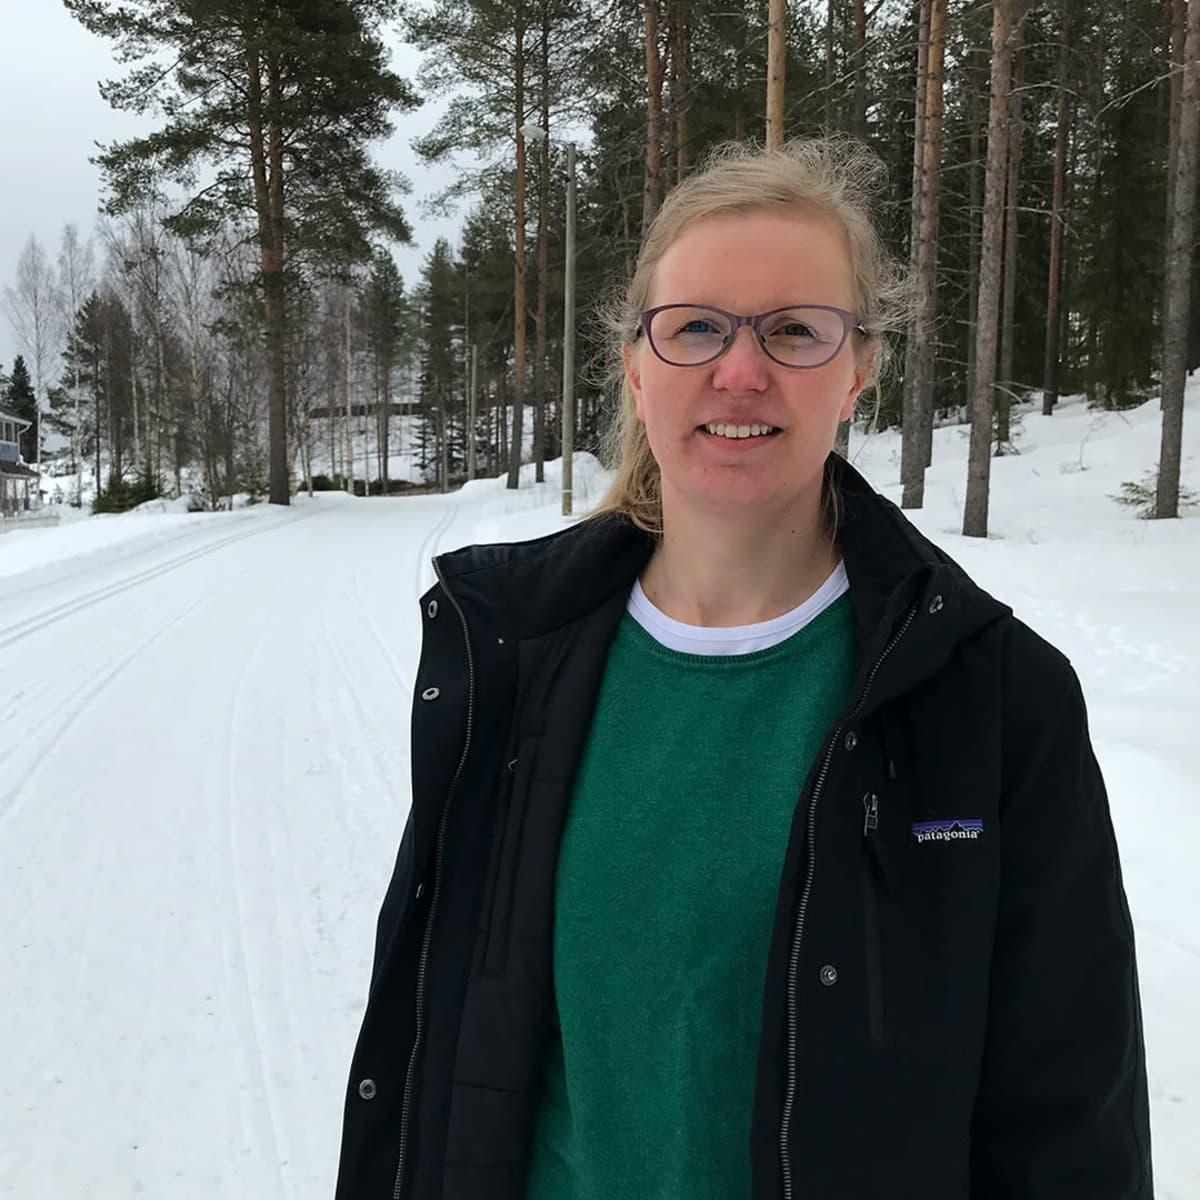 Lapin yliopiston apulaisprofessori Outi Rantala.